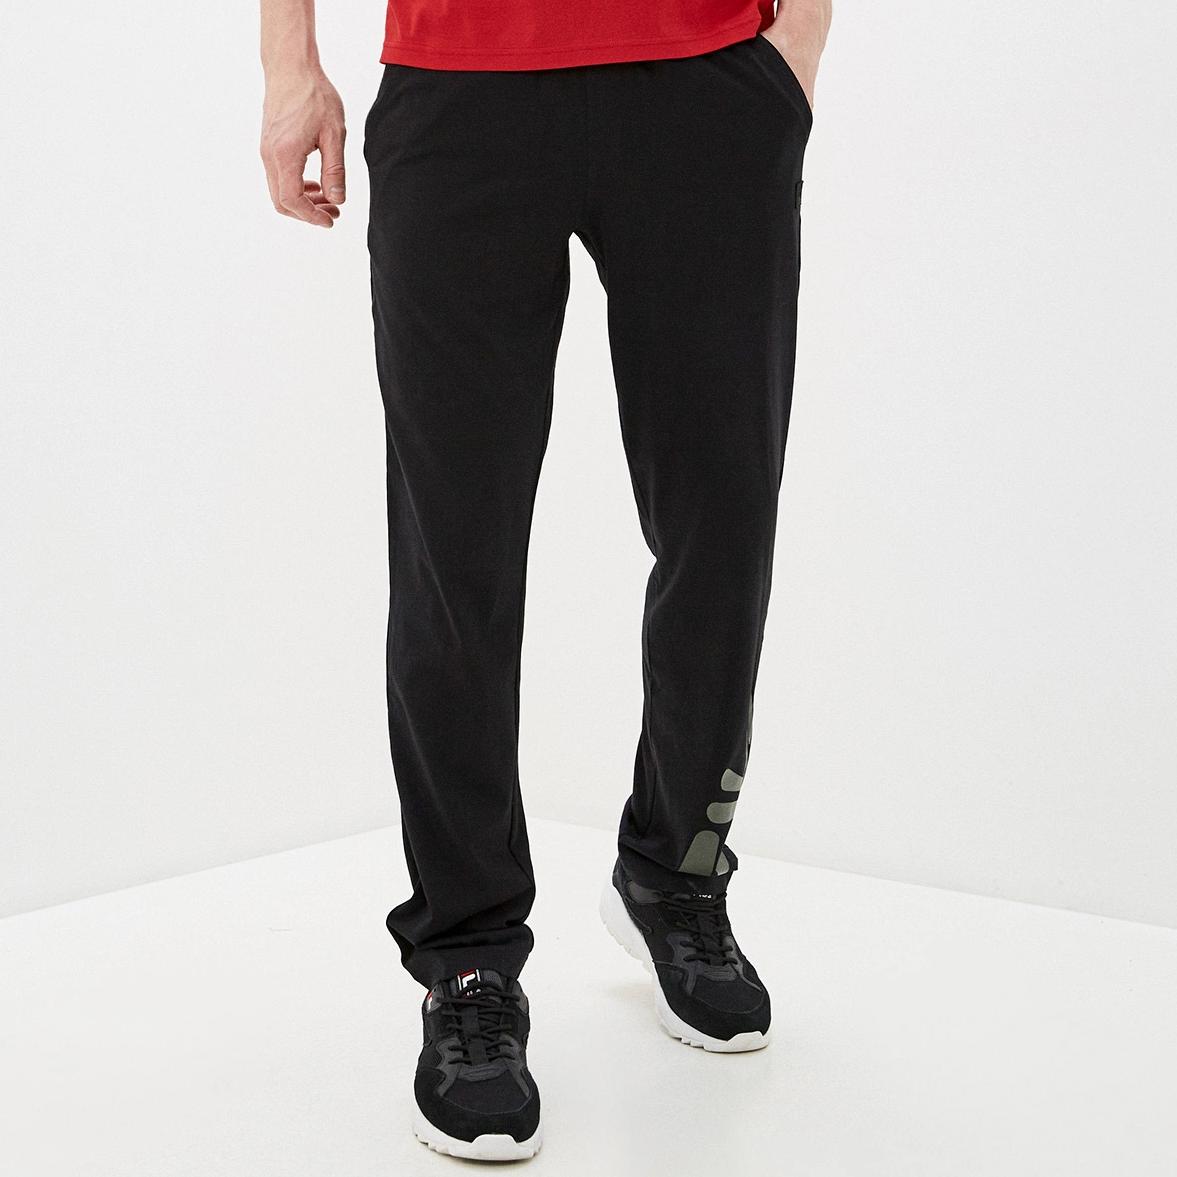 Мужские спортивние штаны Fila